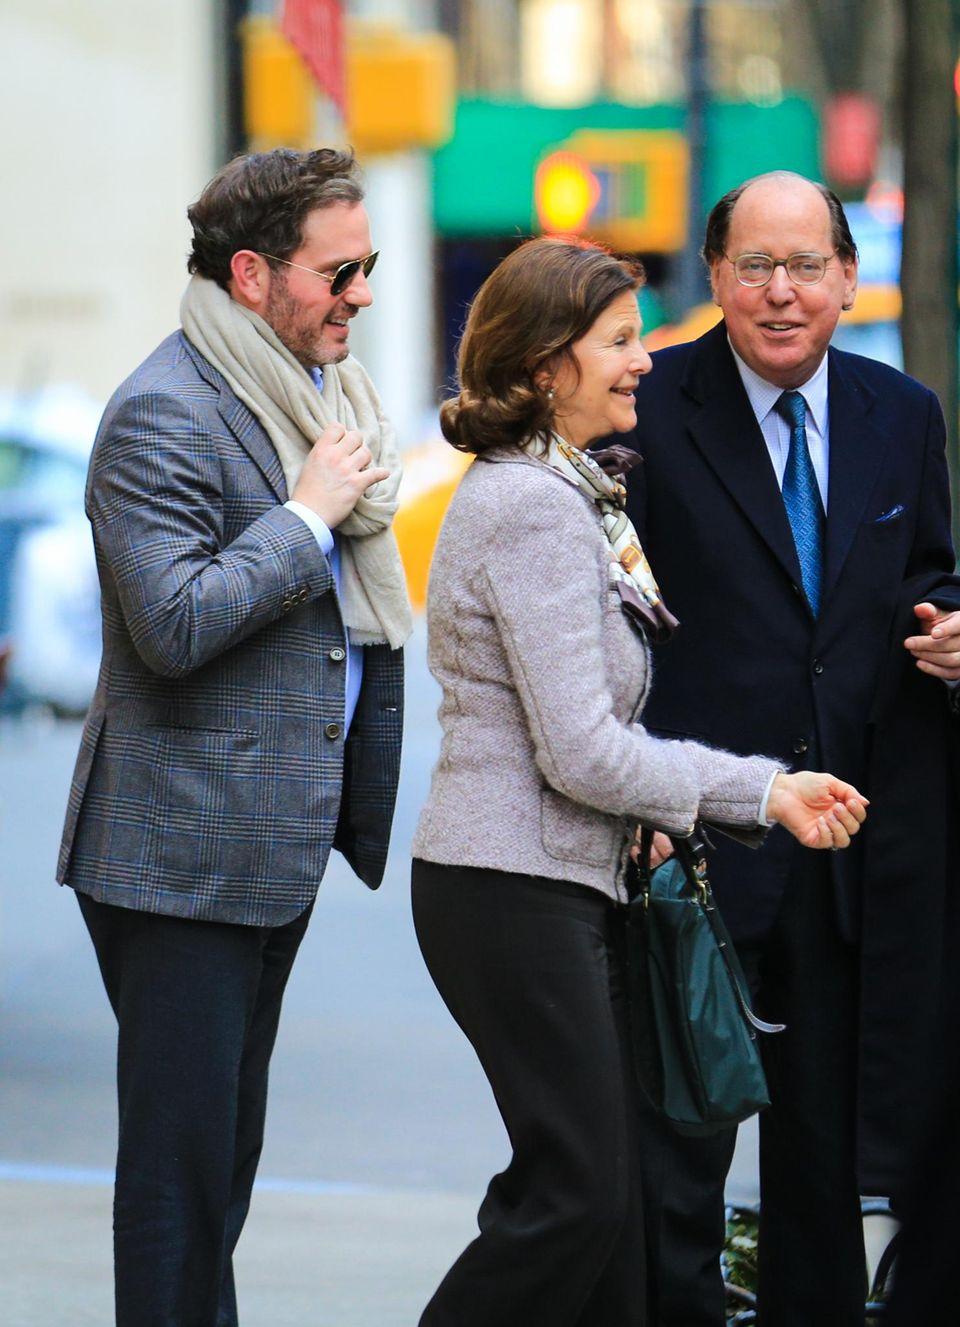 Chris O'Neill und Königin Silvia wirken bei ihrem Treffen sehr gelöst und scherzen miteinander.